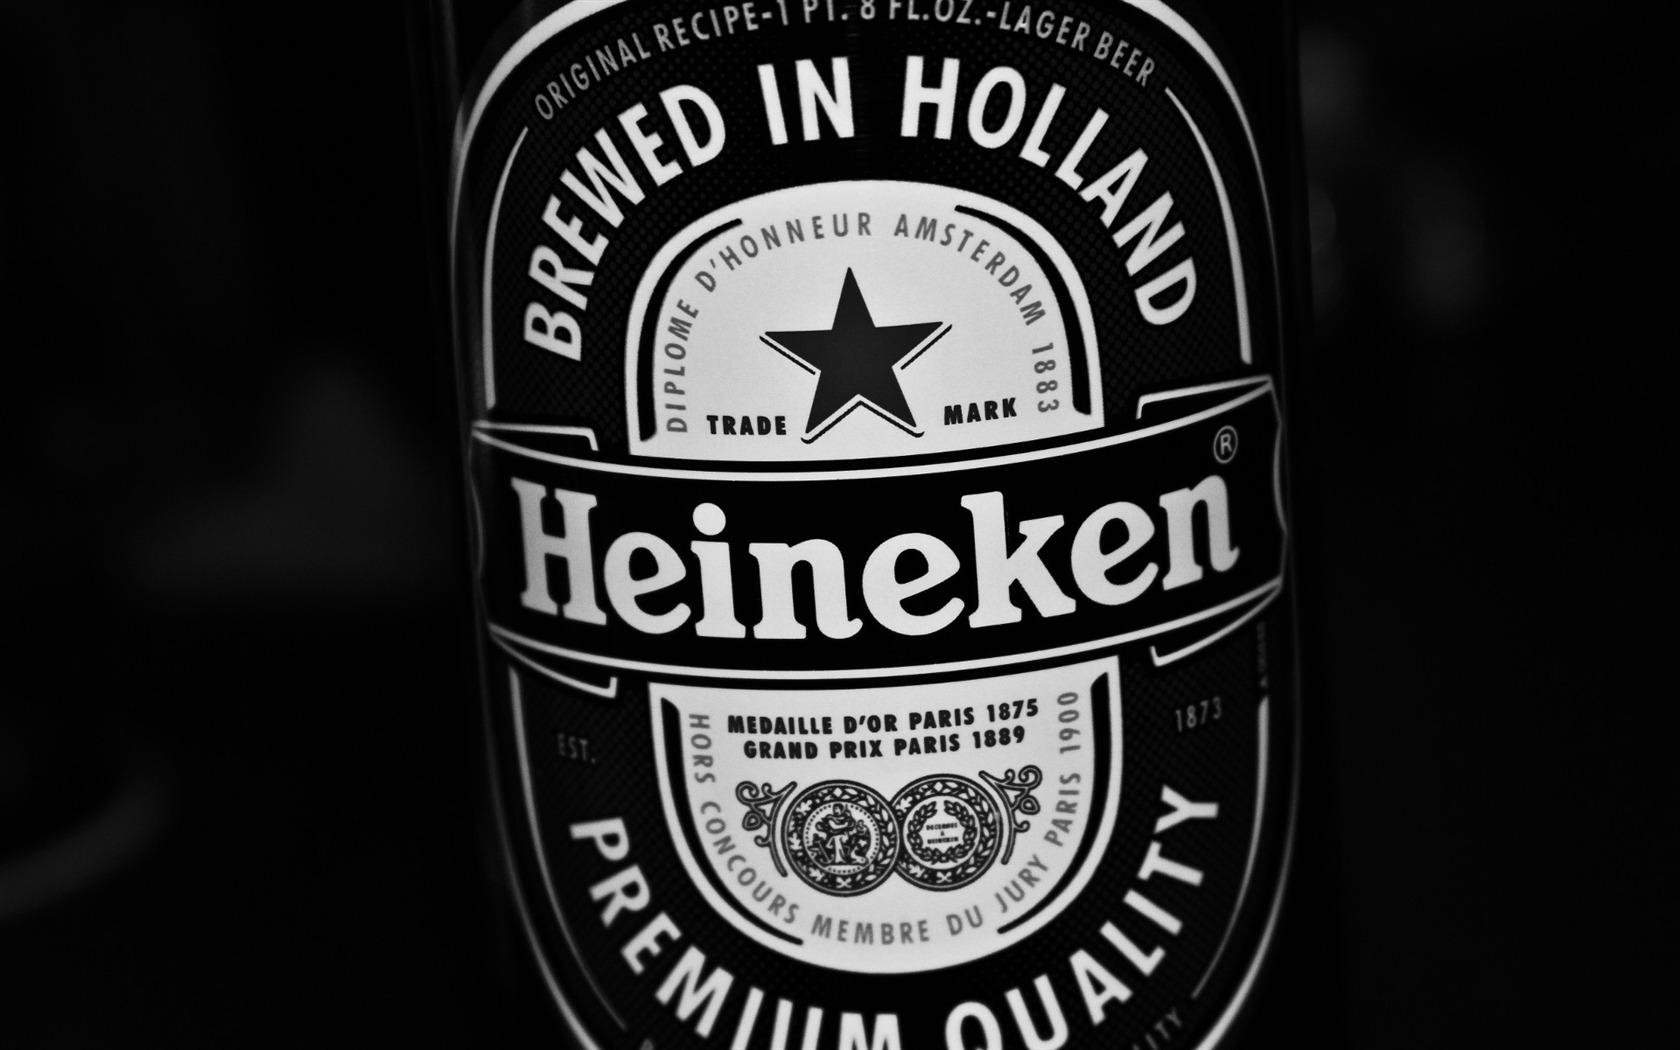 喜力啤酒最新广告_喜力啤酒-品牌广告高清壁纸预览 | 10wallpaper.com